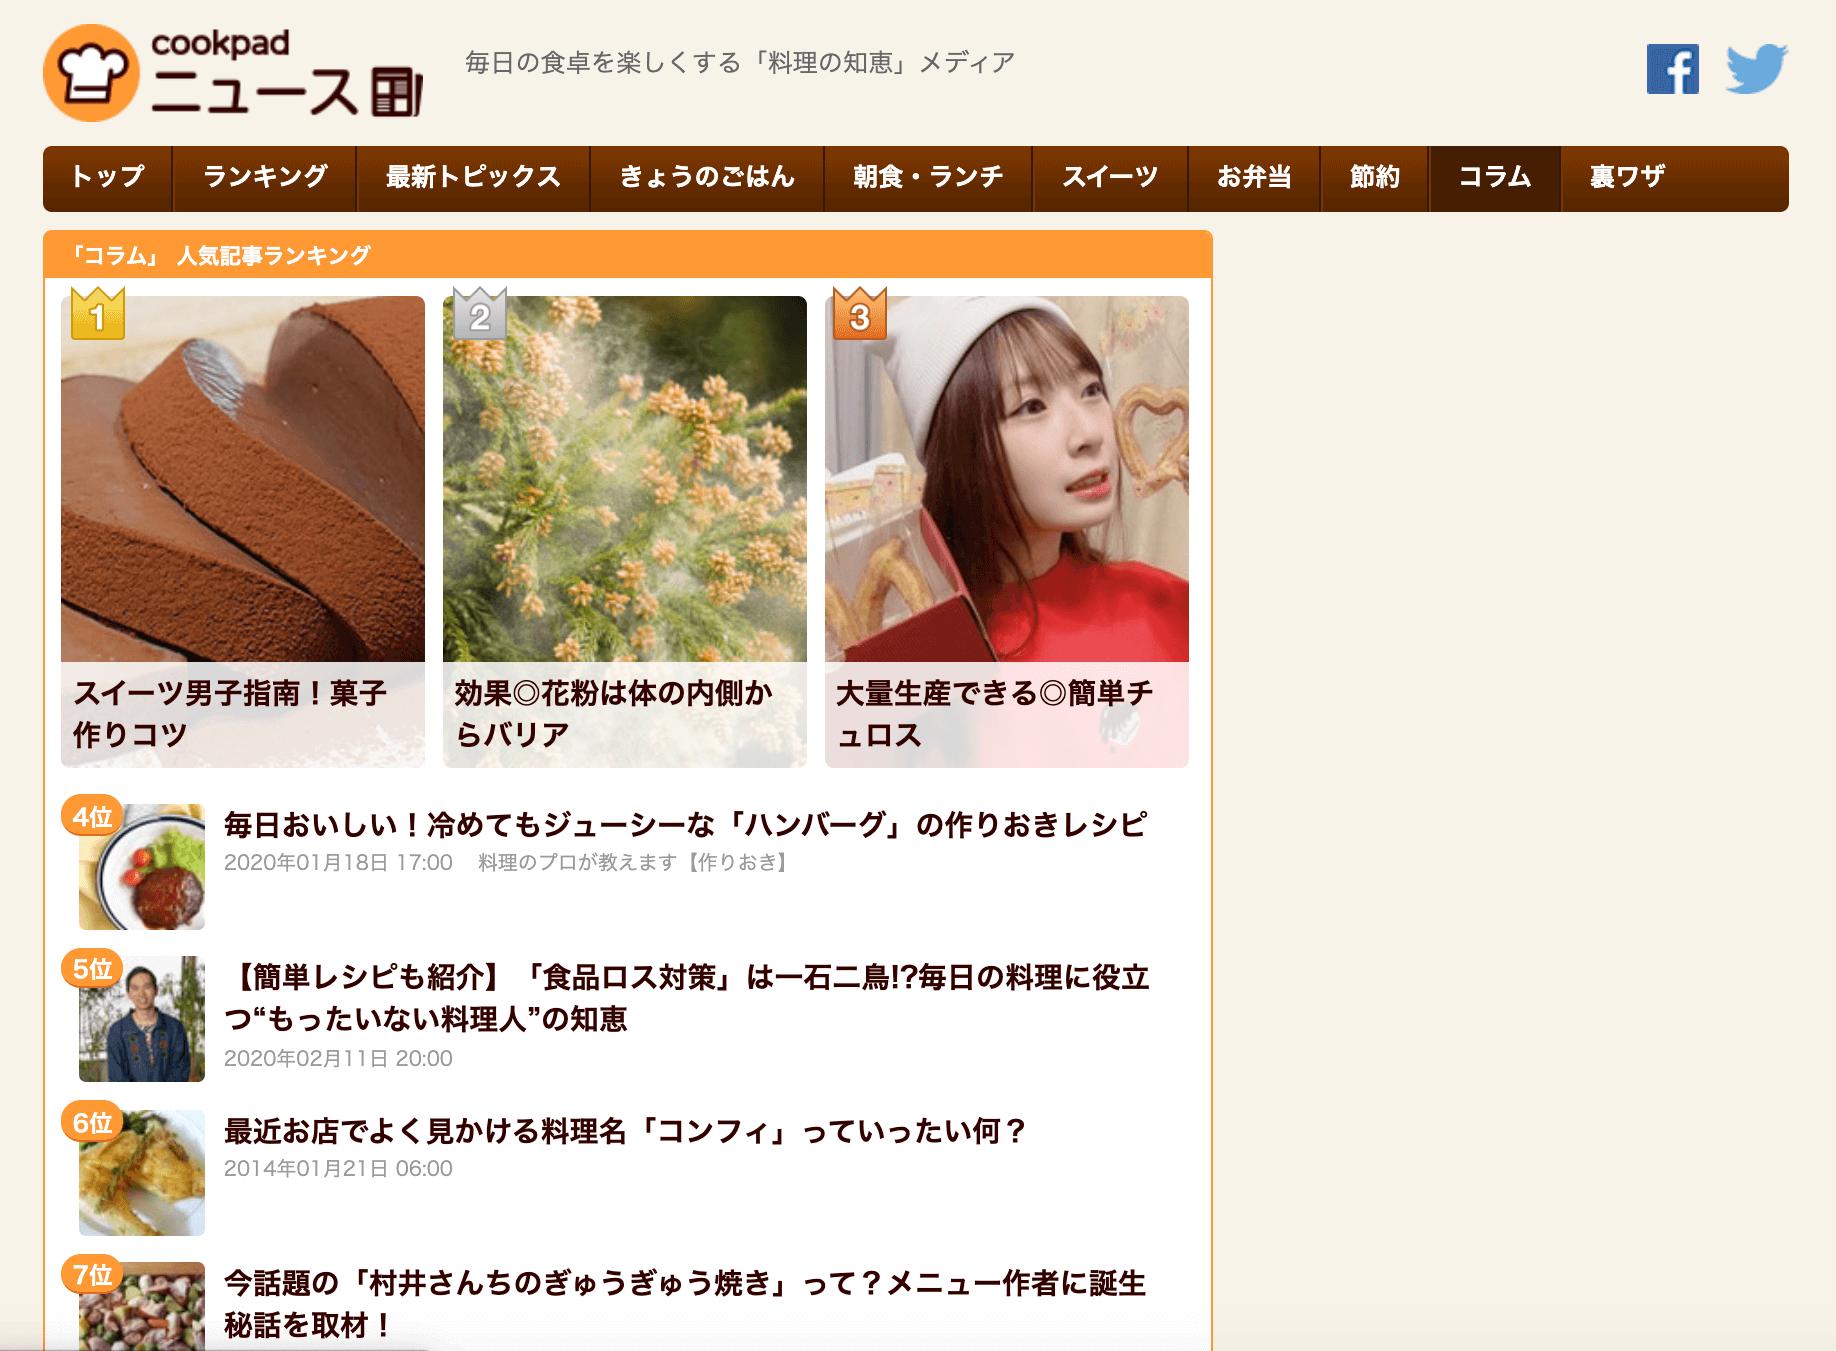 クックパッドニュース|2月|美腸ライフ|花粉症|ランキング画像